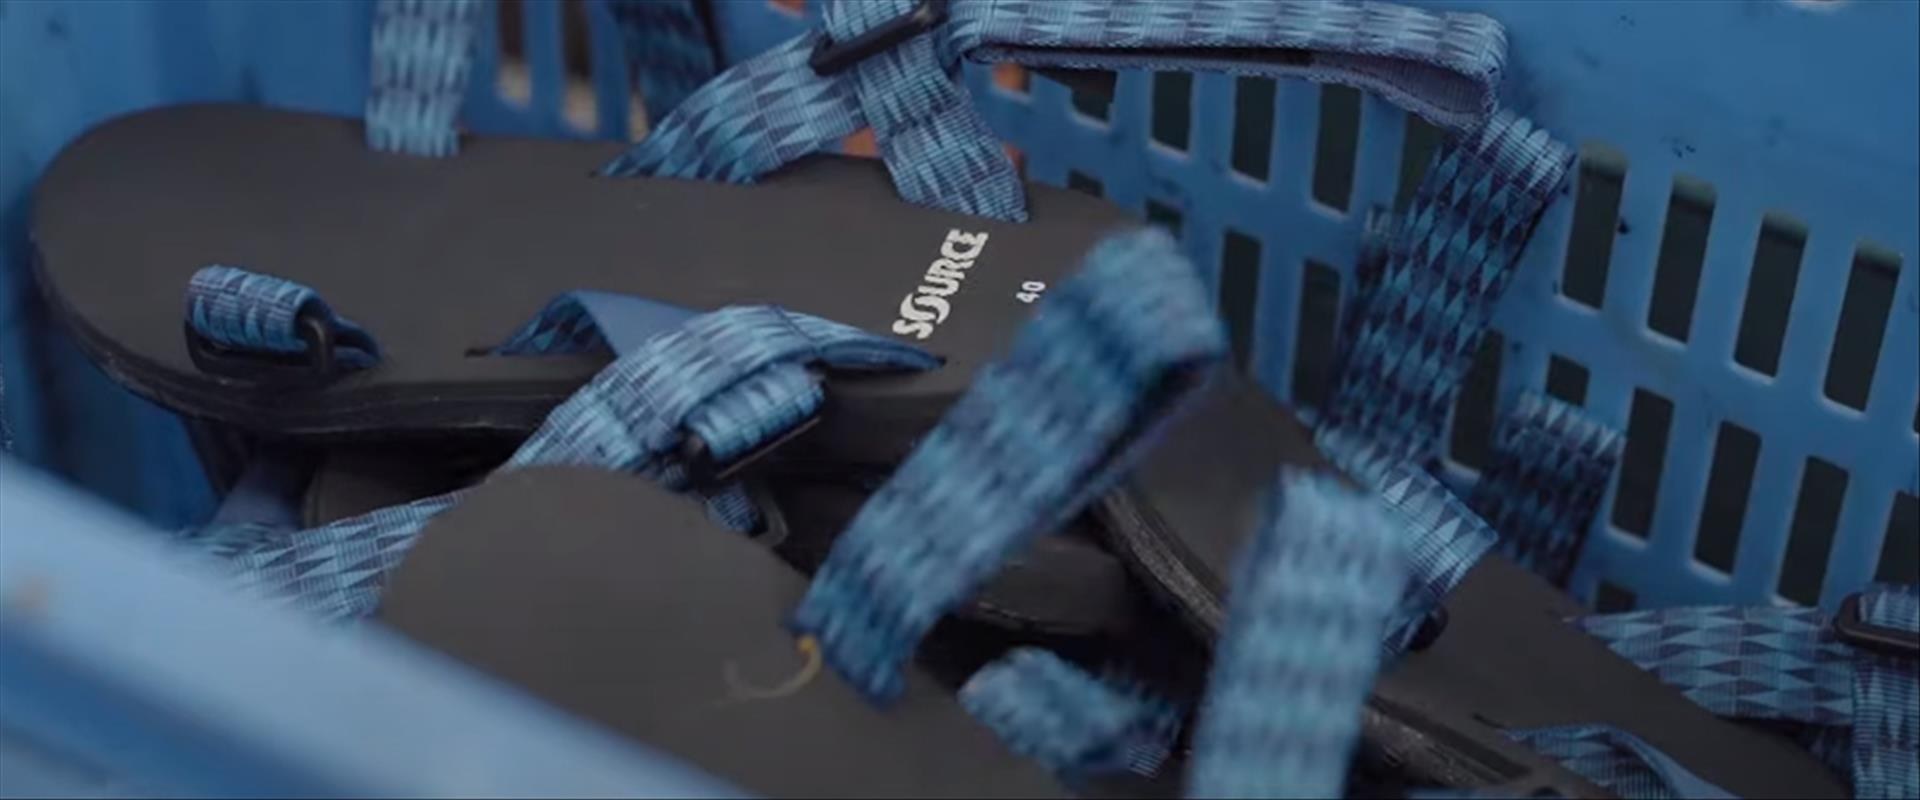 סנדלי שורש - תוצרת ישראל